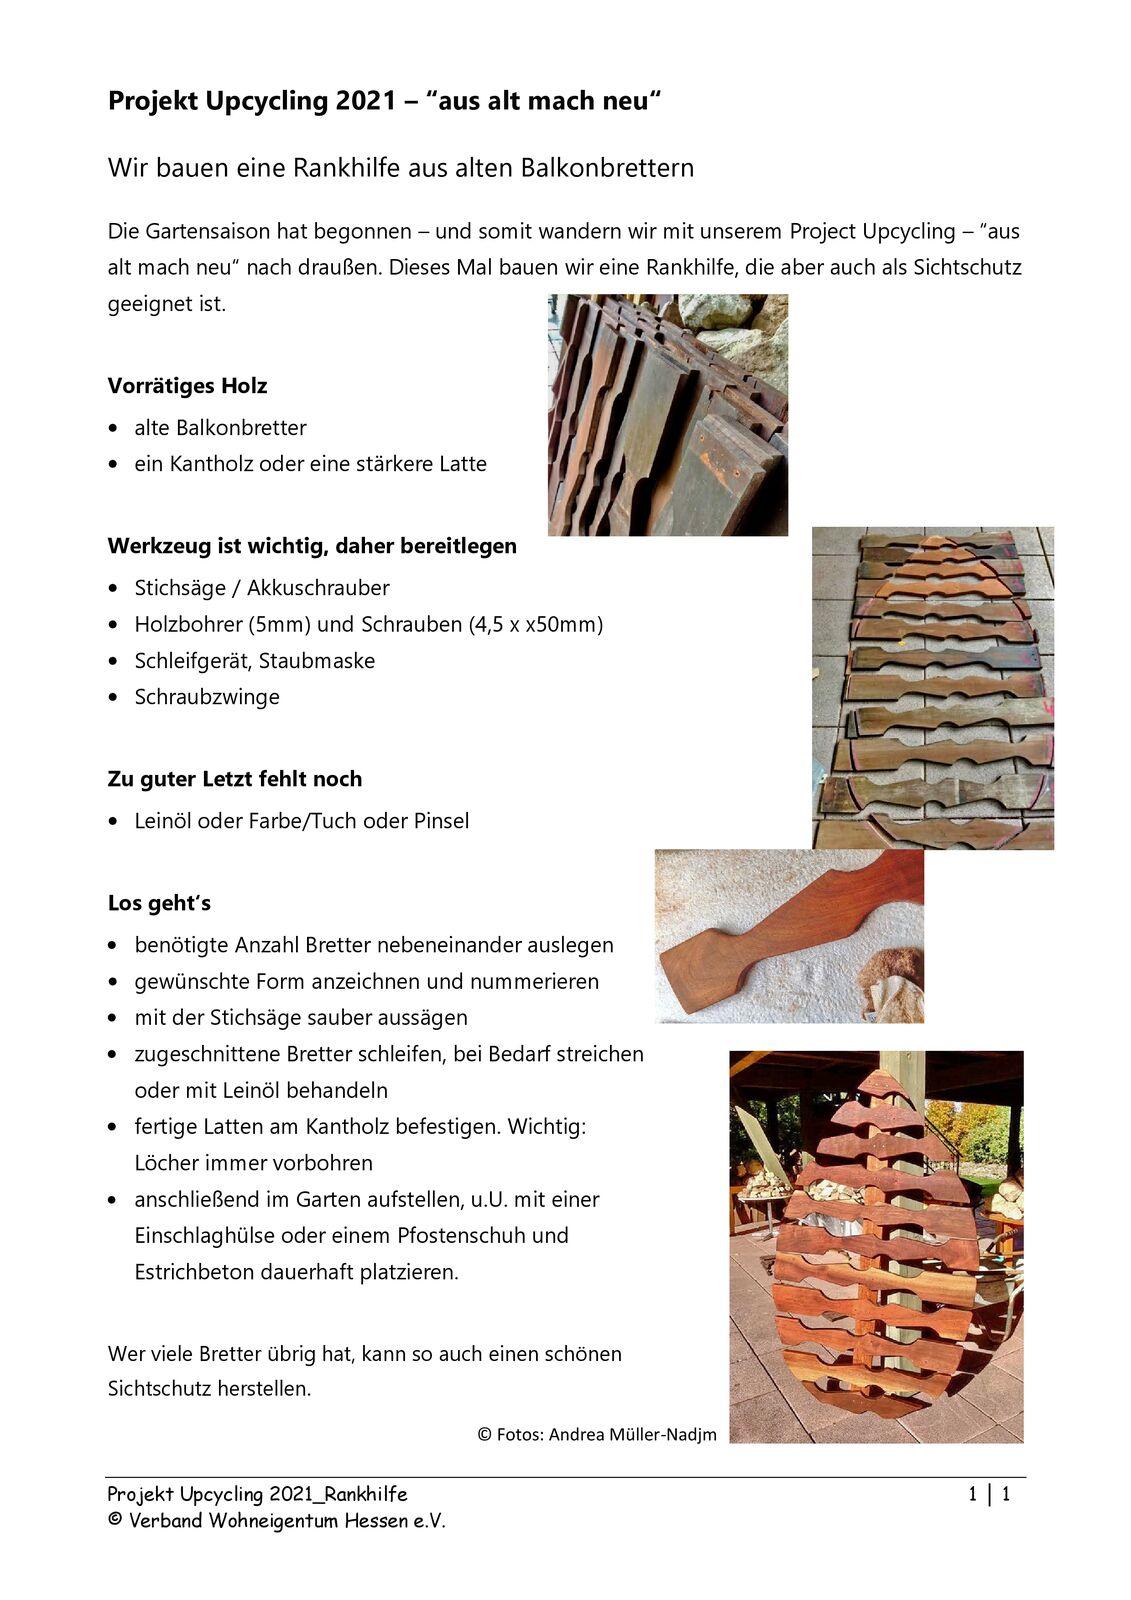 Anleitung für den Bau einer Rankhilfe